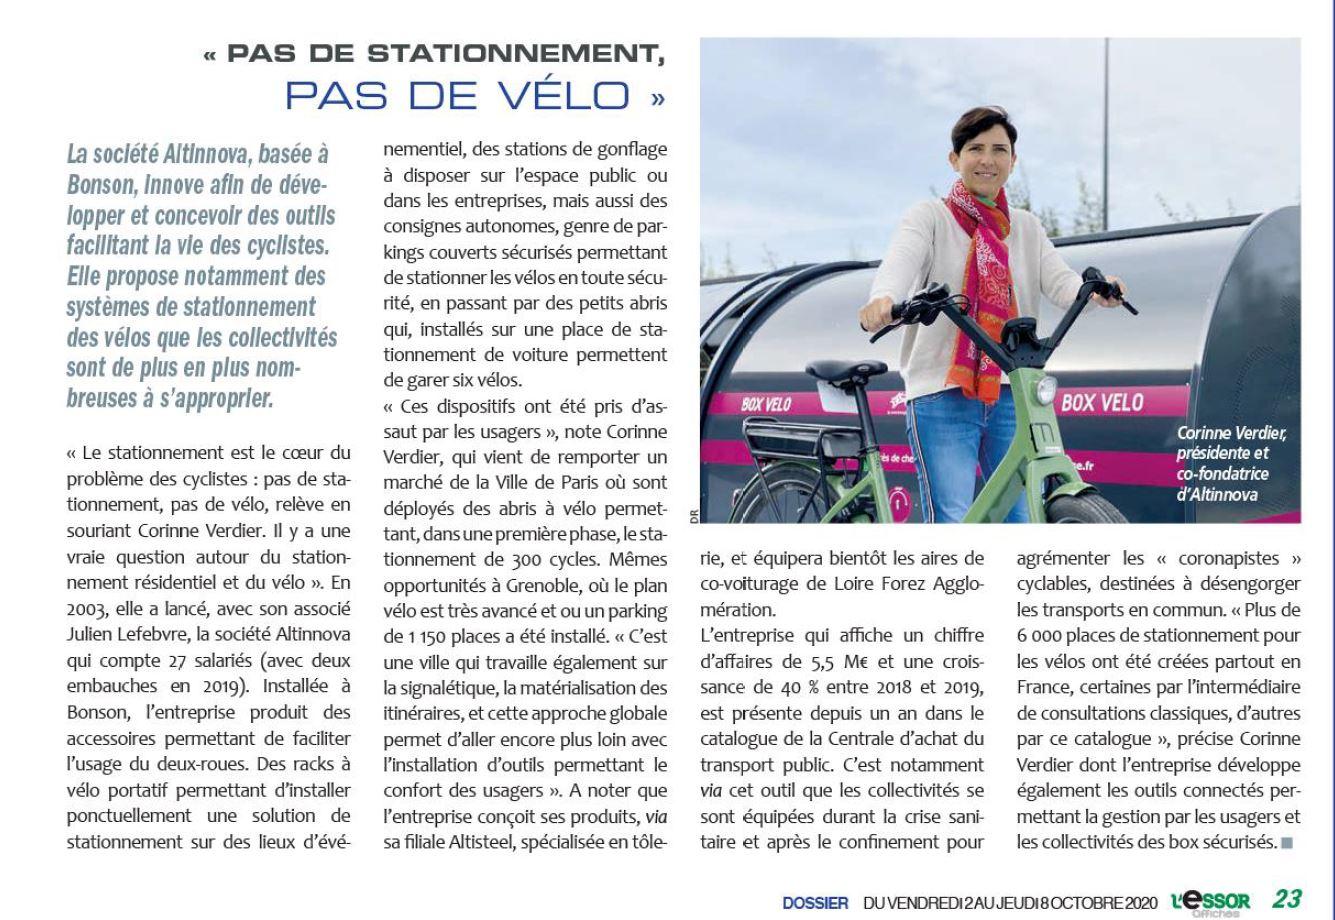 """article de L'Essor : """"Pas de stationnement, pas de vélo"""""""